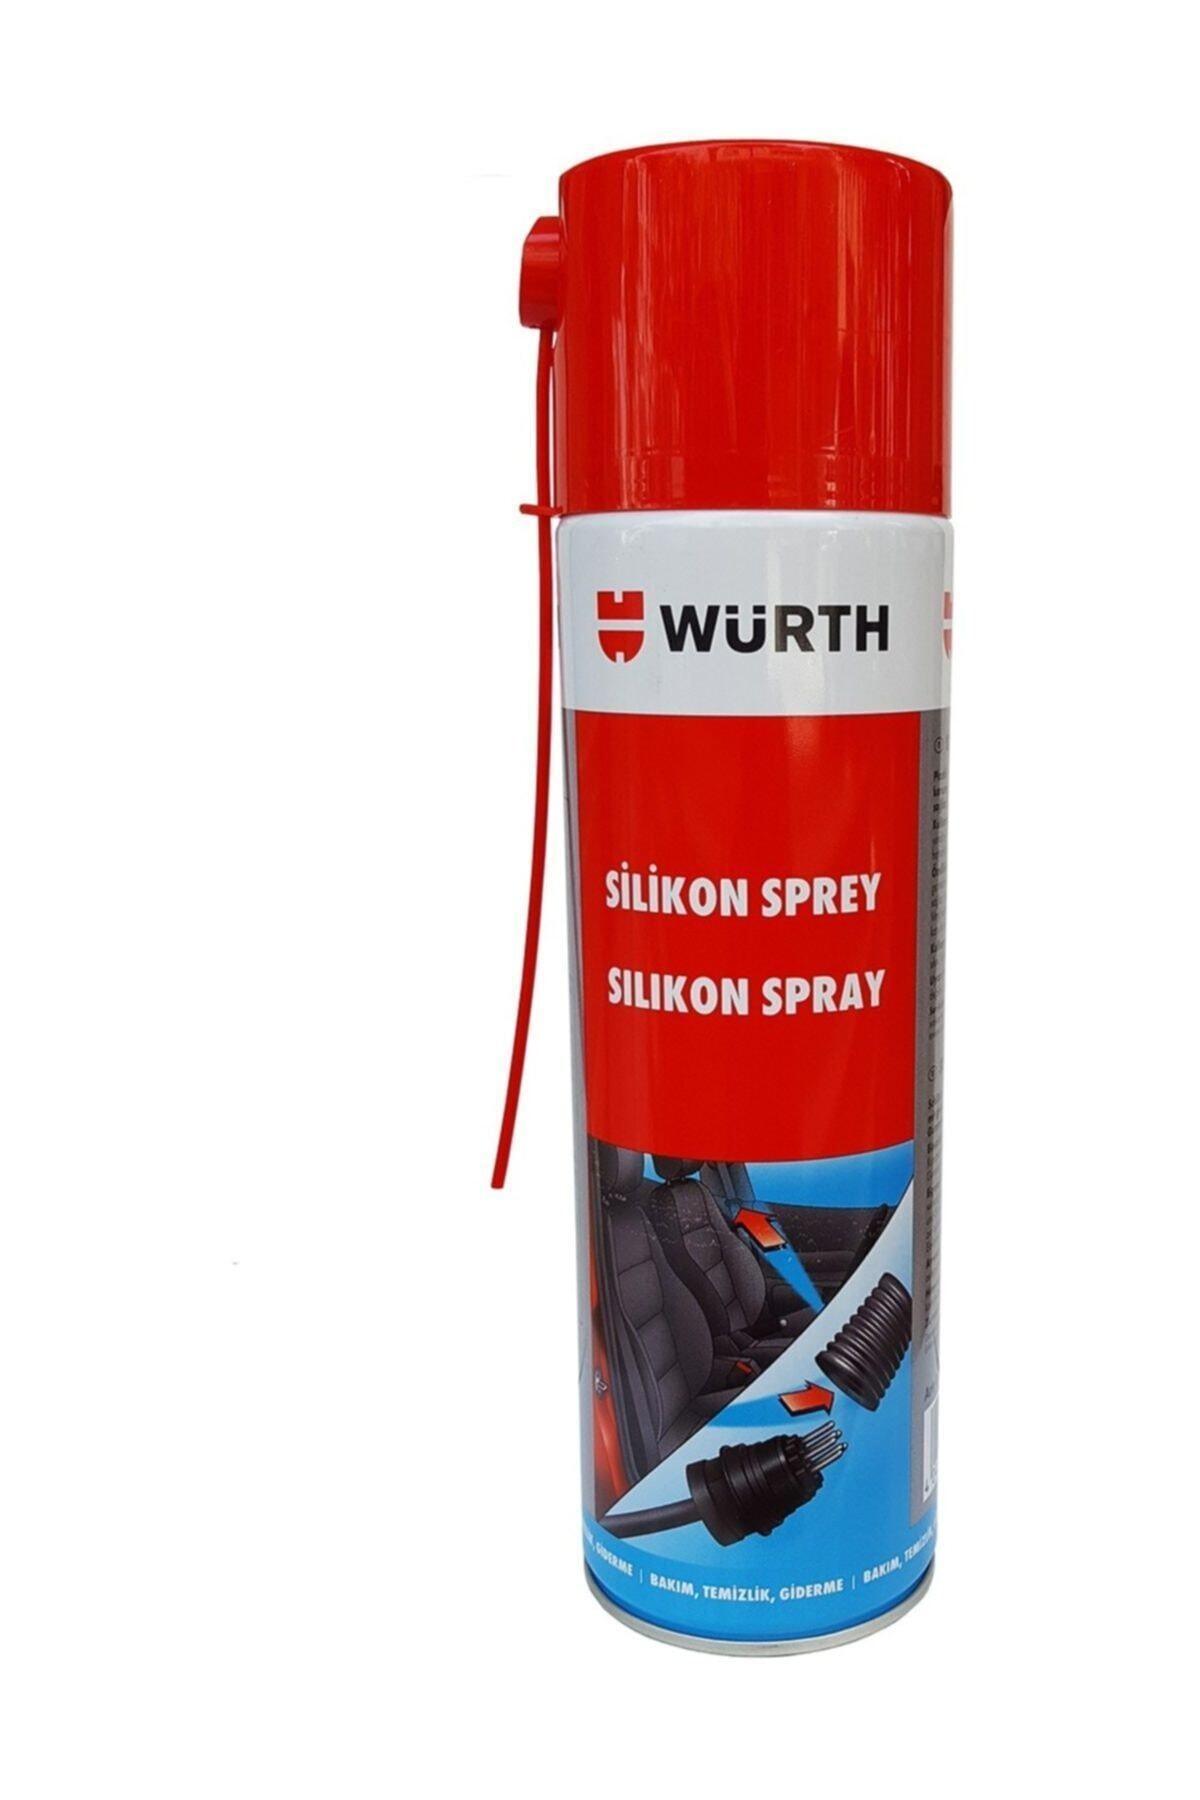 Würth Silikon Sprey 500 Ml. Made In Germany 1